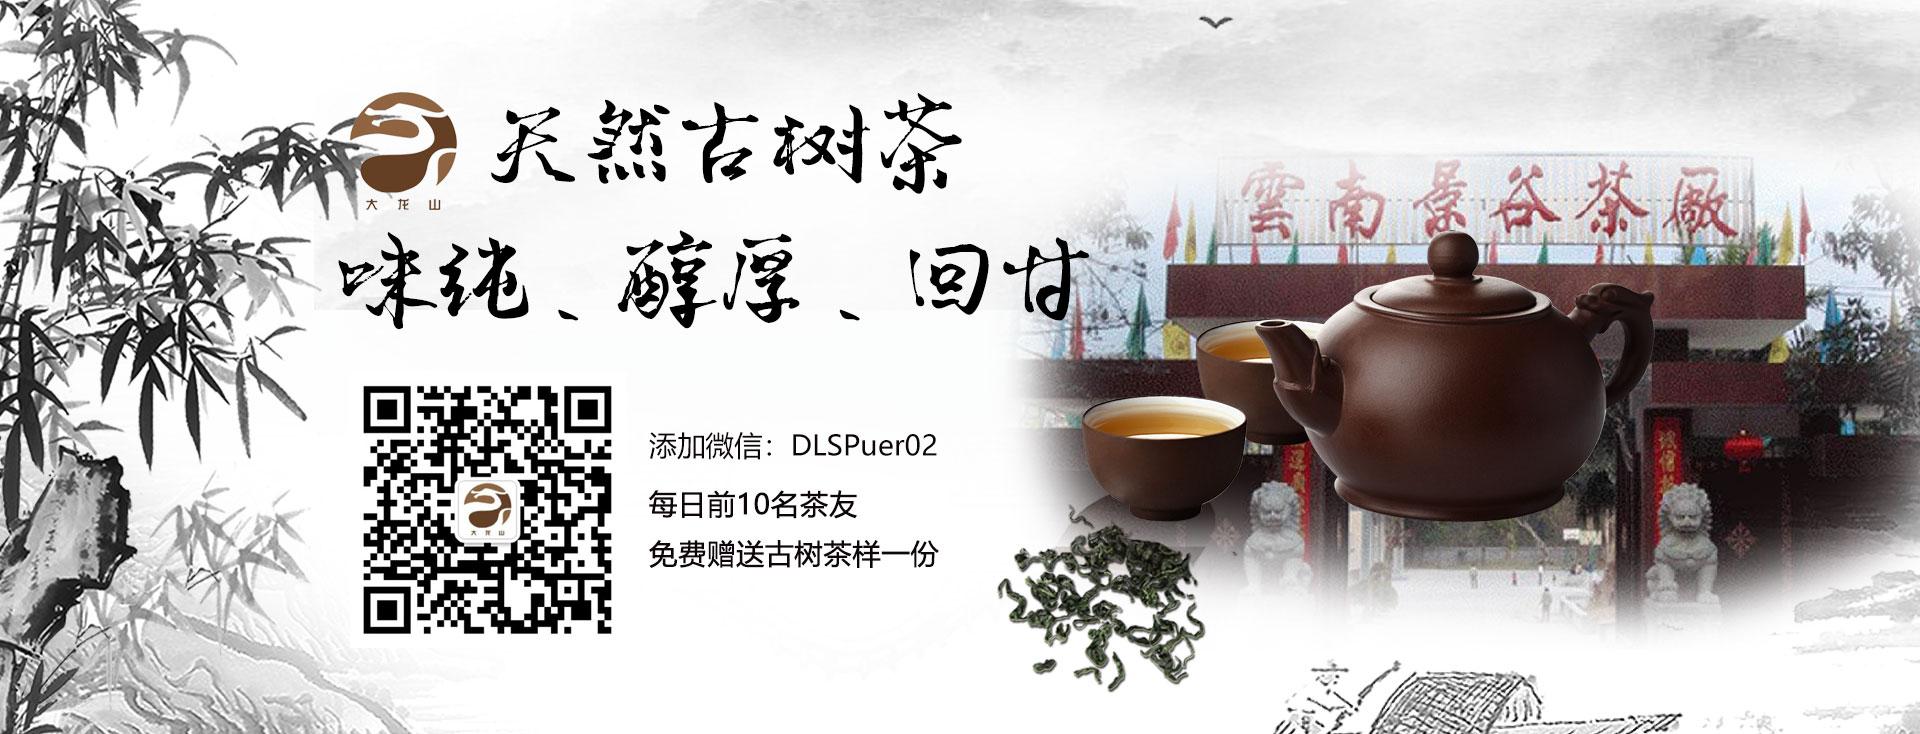 大龙山普洱茶